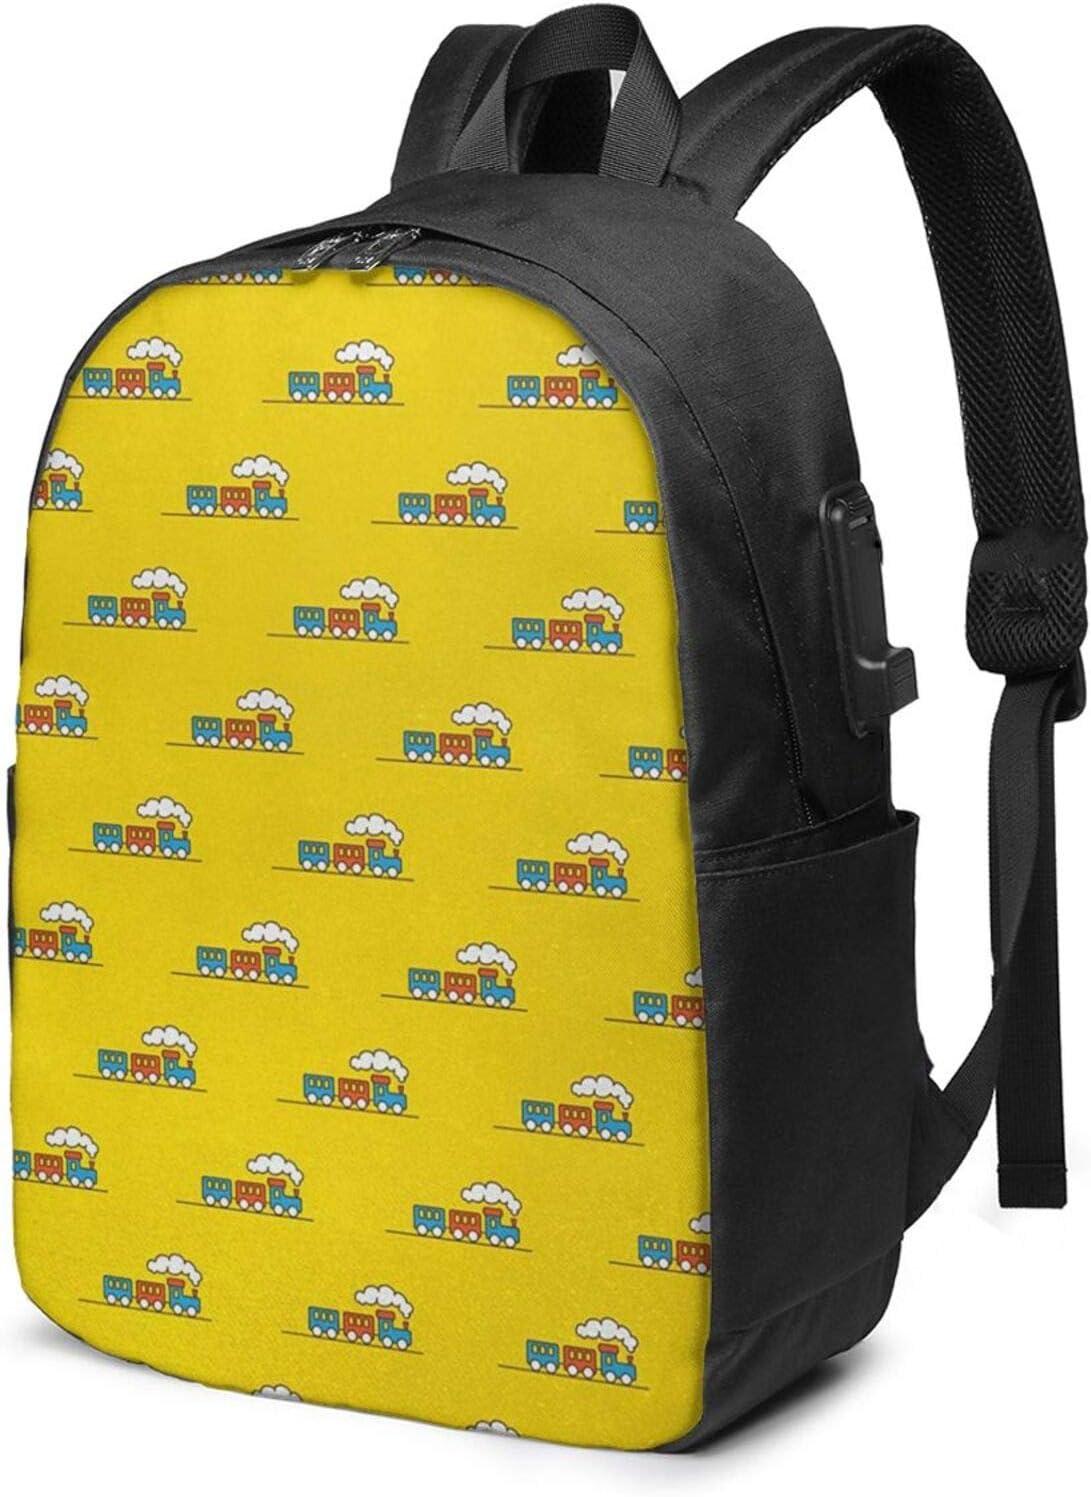 WEQDUJG Mochila Portatil 17 Pulgadas Mochila Hombre Mujer con Puerto USB, Corazones al Azar Palabras de Amor Loco Mochila para El Laptop para Ordenador del Trabajo Viaje